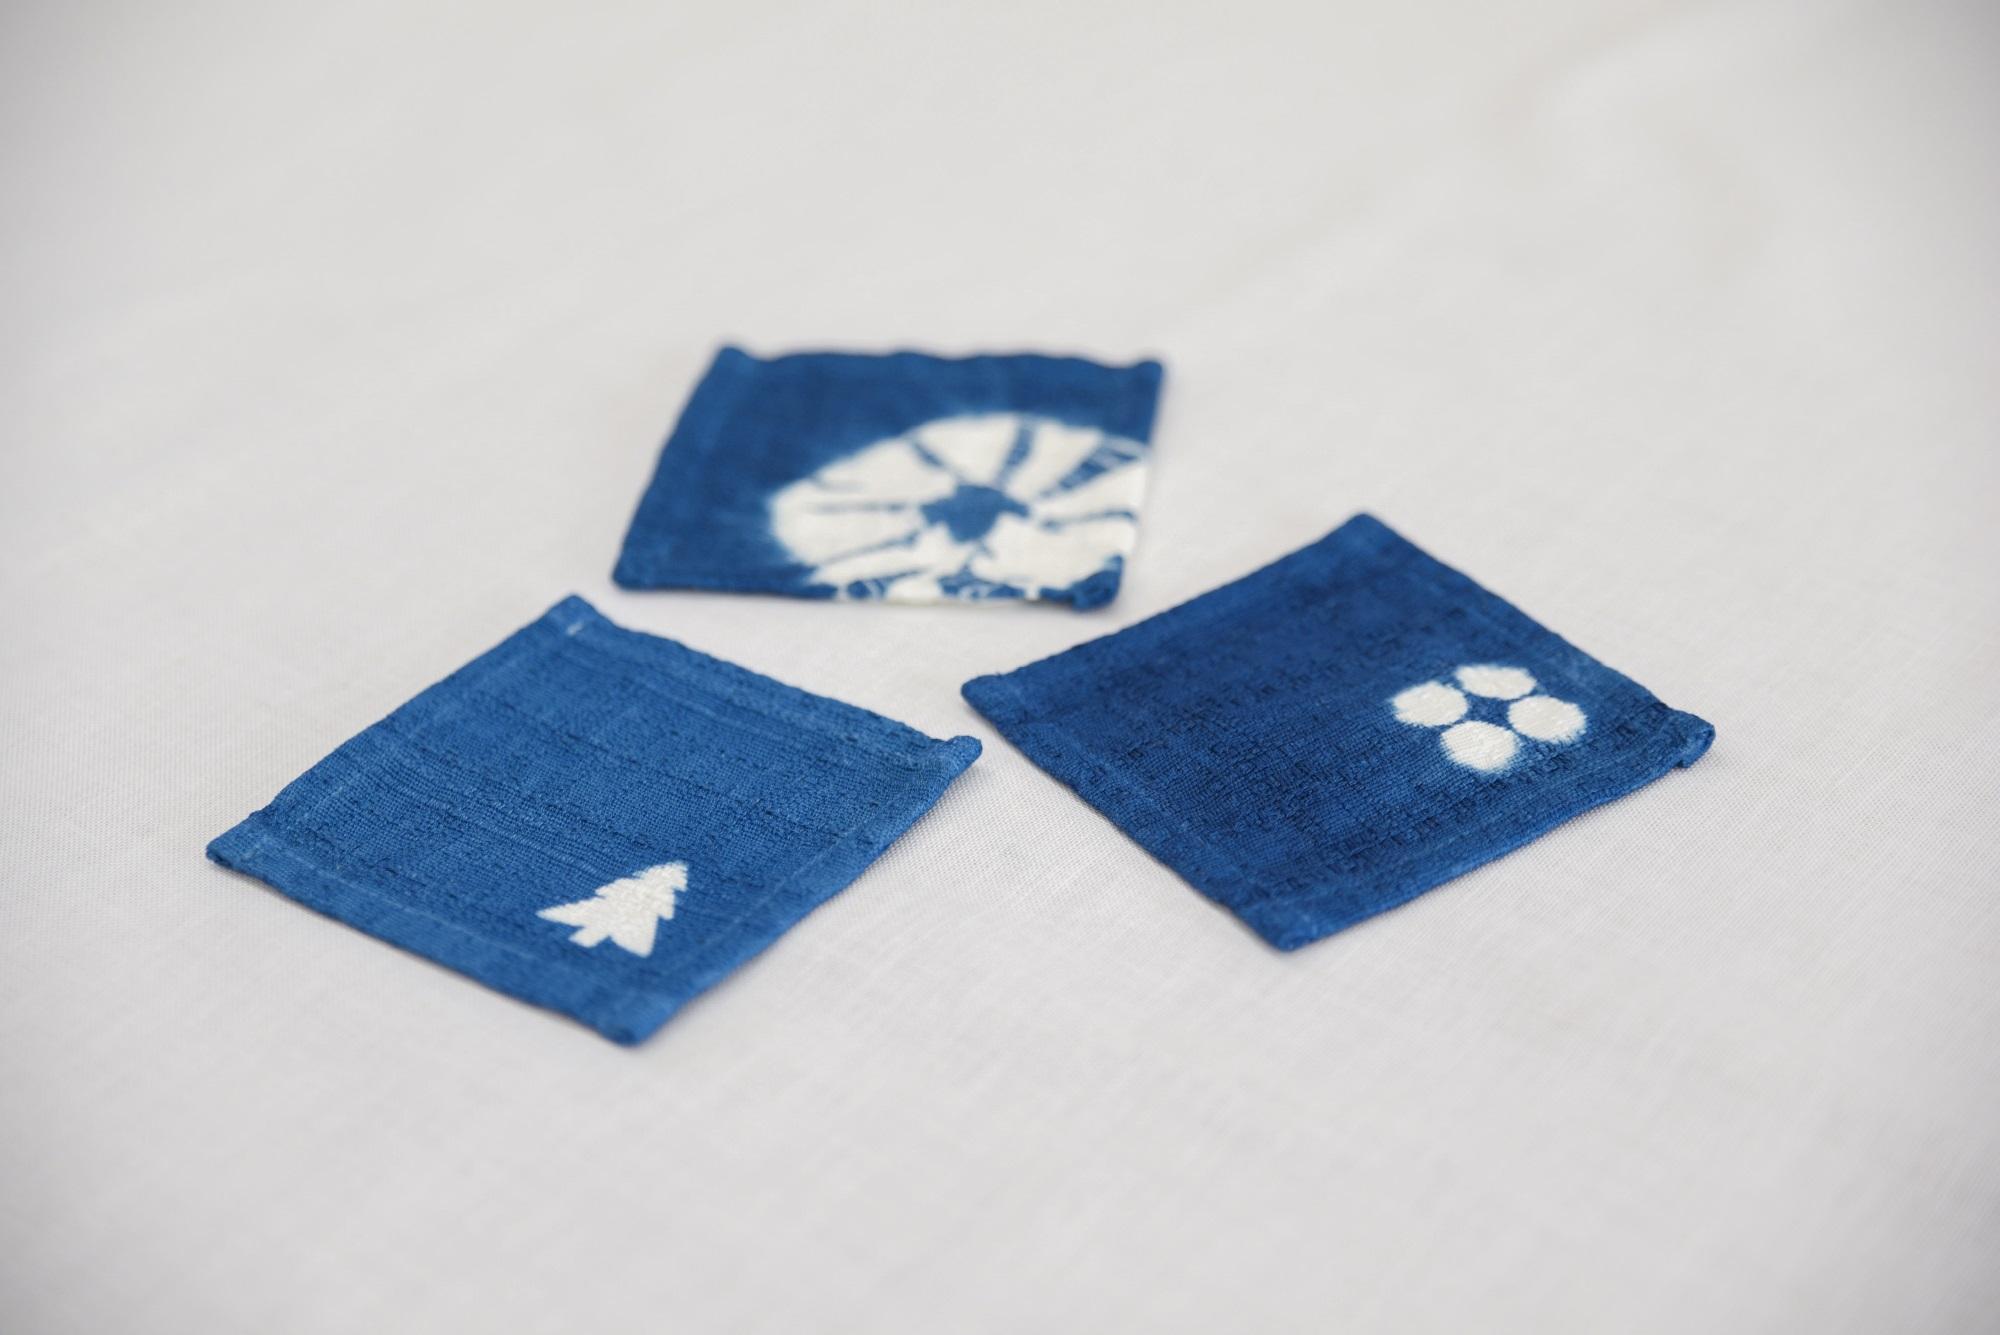 藍色のふるさと上板町で藍染体験コースター&新鮮な藍の生葉を使った生葉染め体験